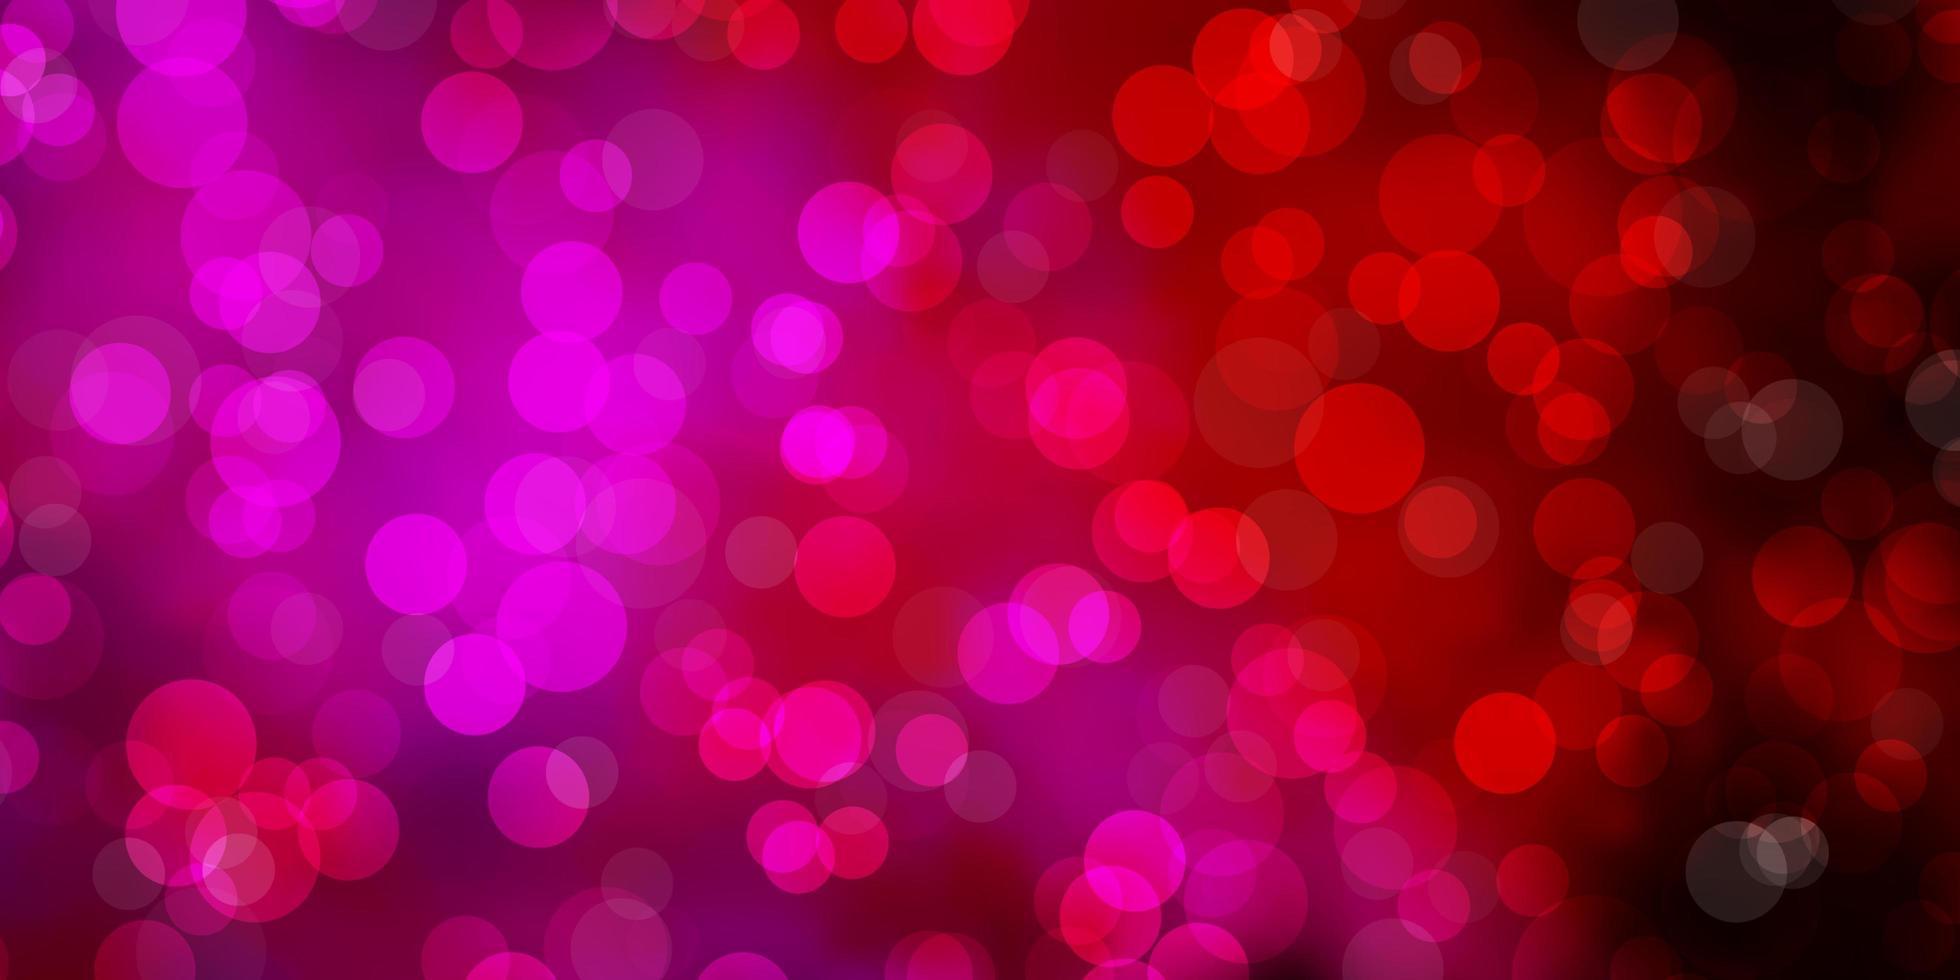 modèle vectoriel violet foncé, rose avec des cercles.